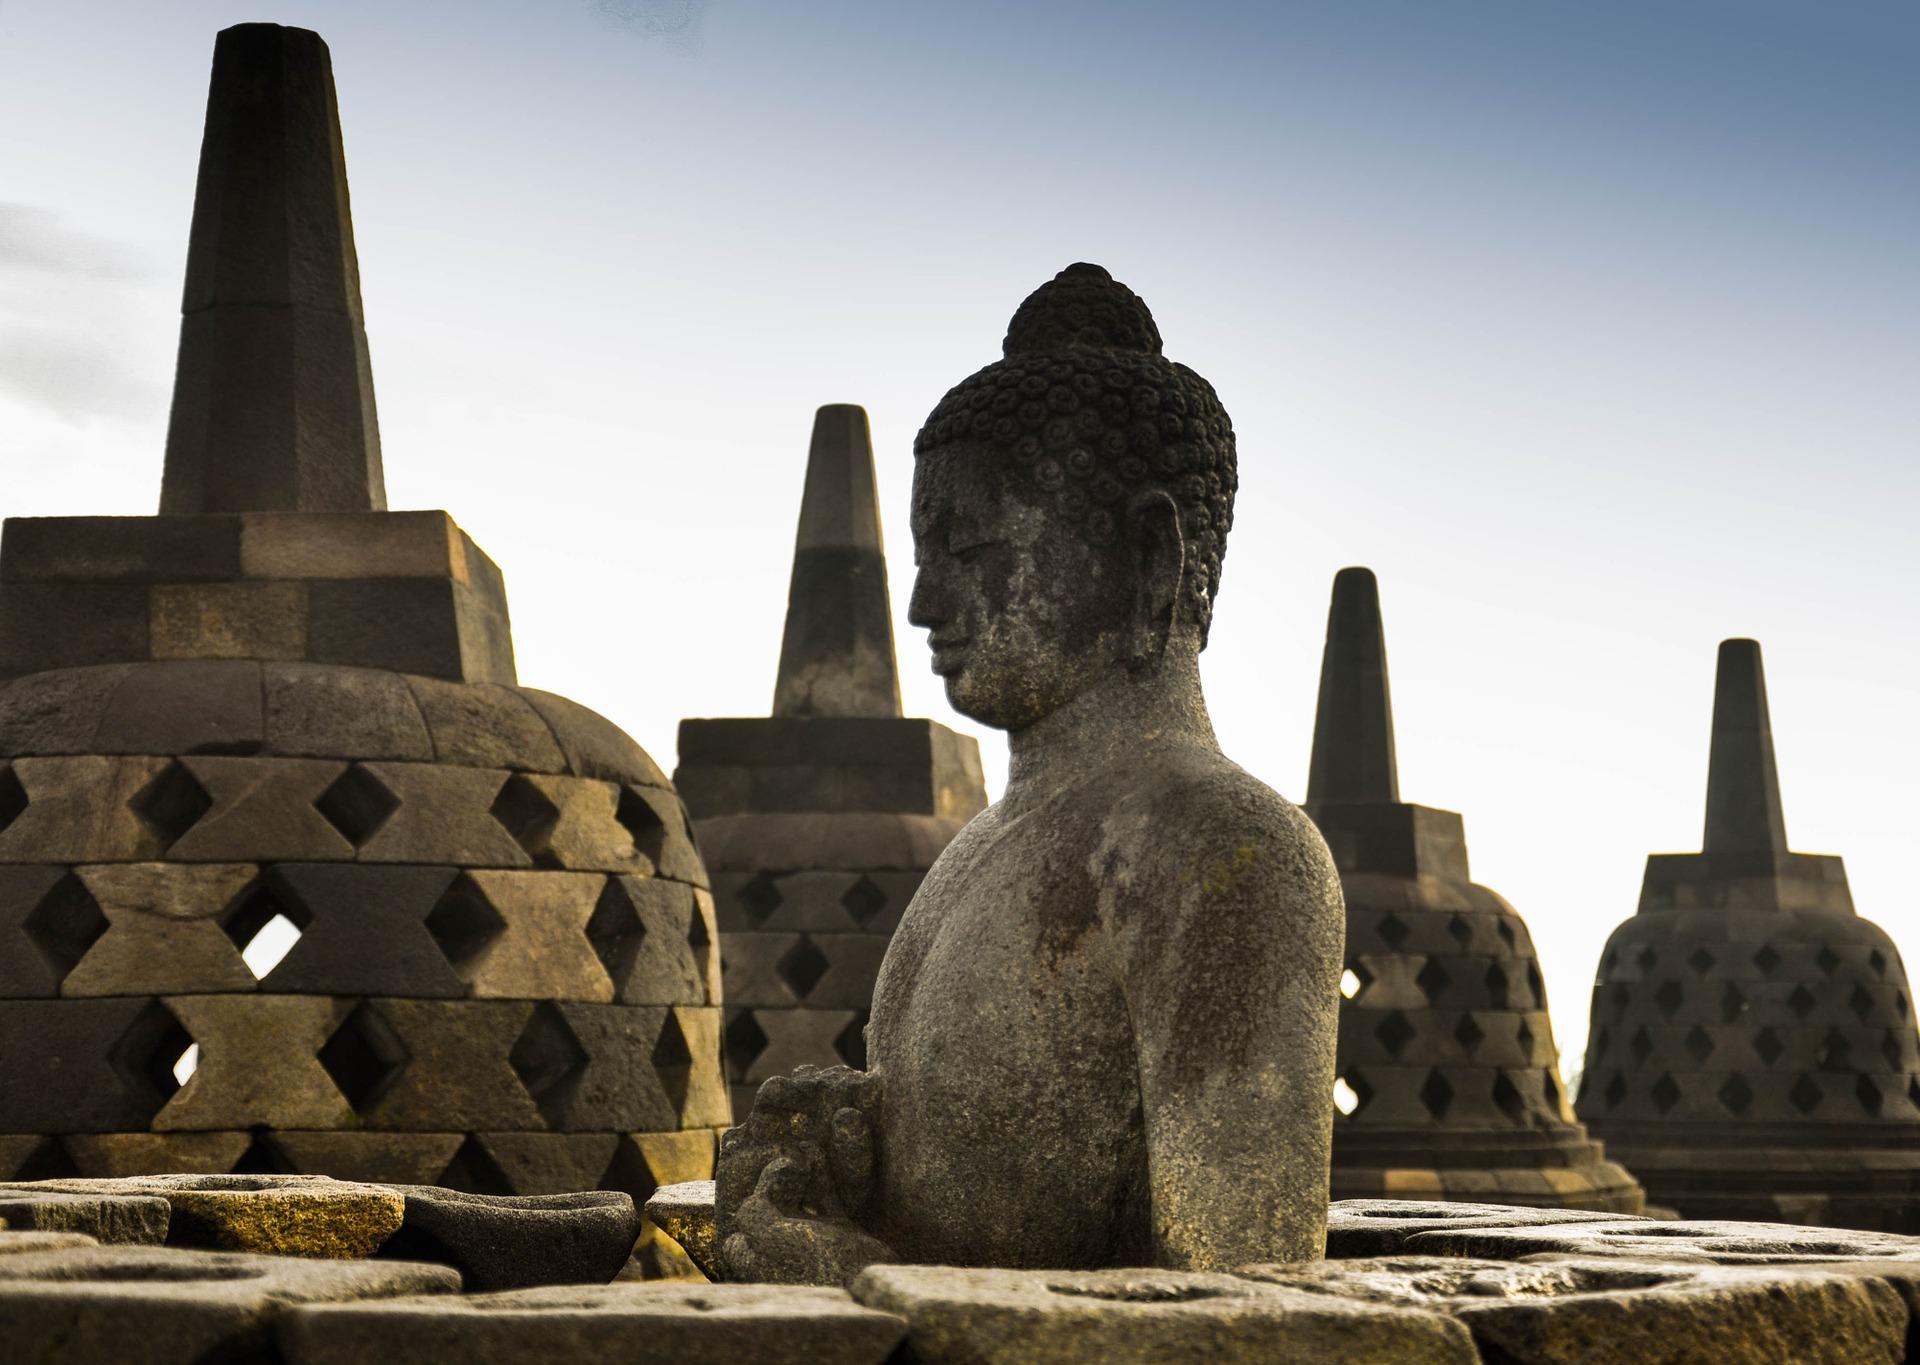 Borobudur Temple in Central Java, Indonesia